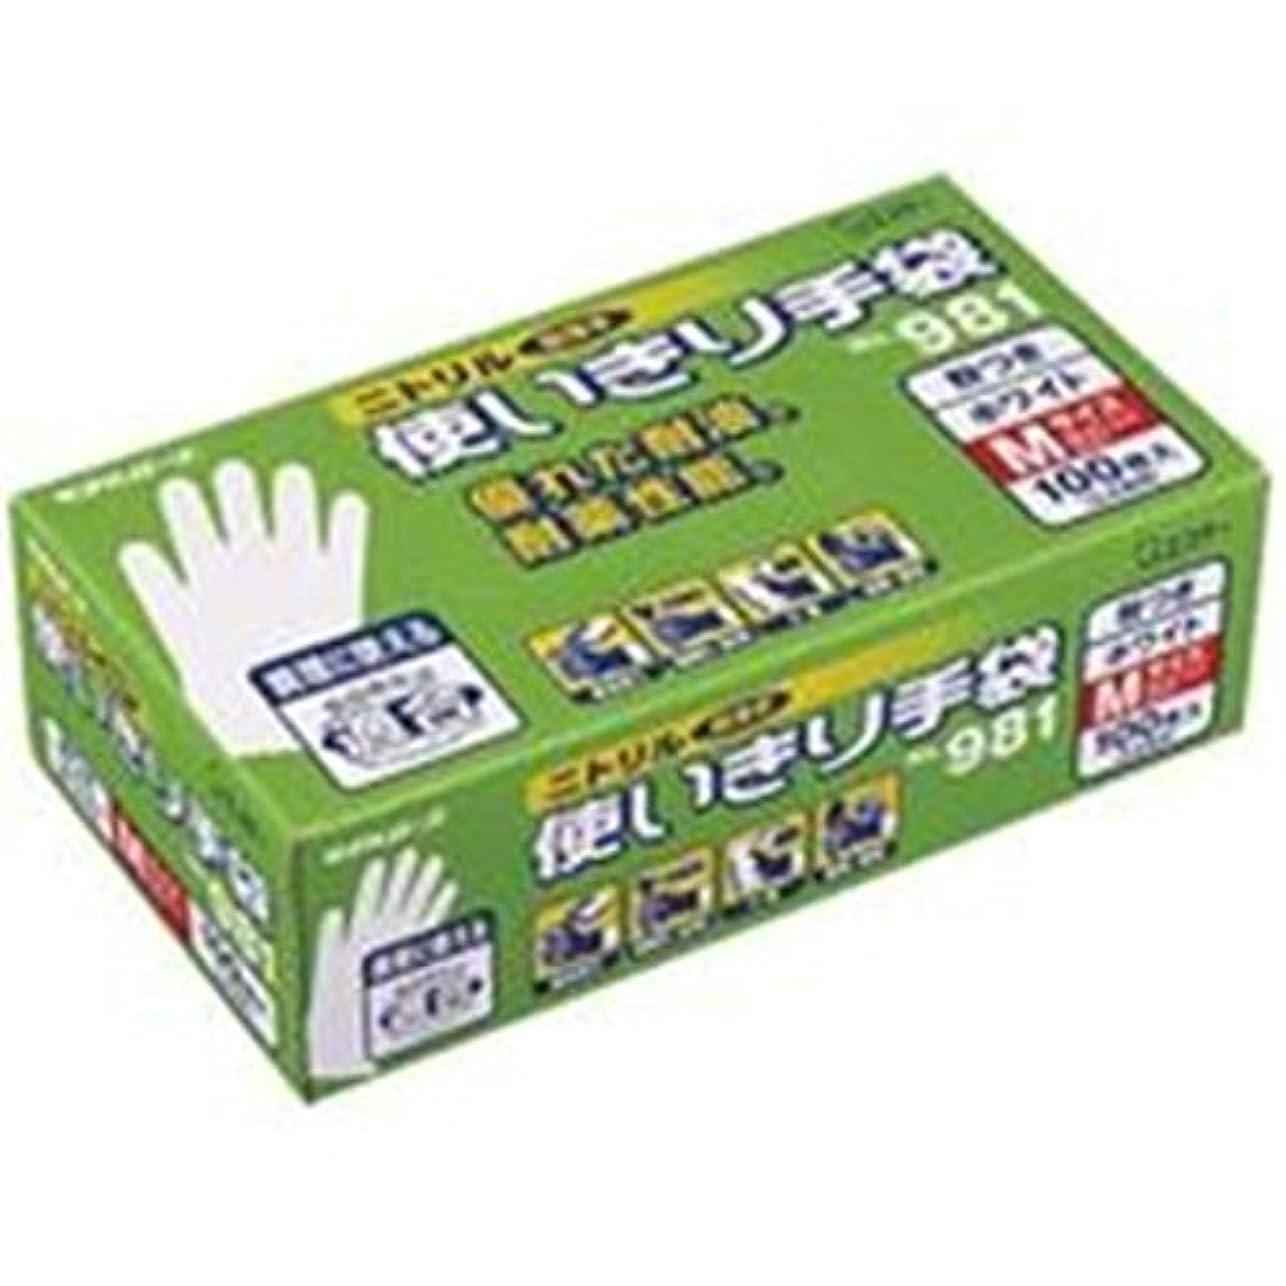 エステー ニトリル手袋 粉付 No981 M 12箱